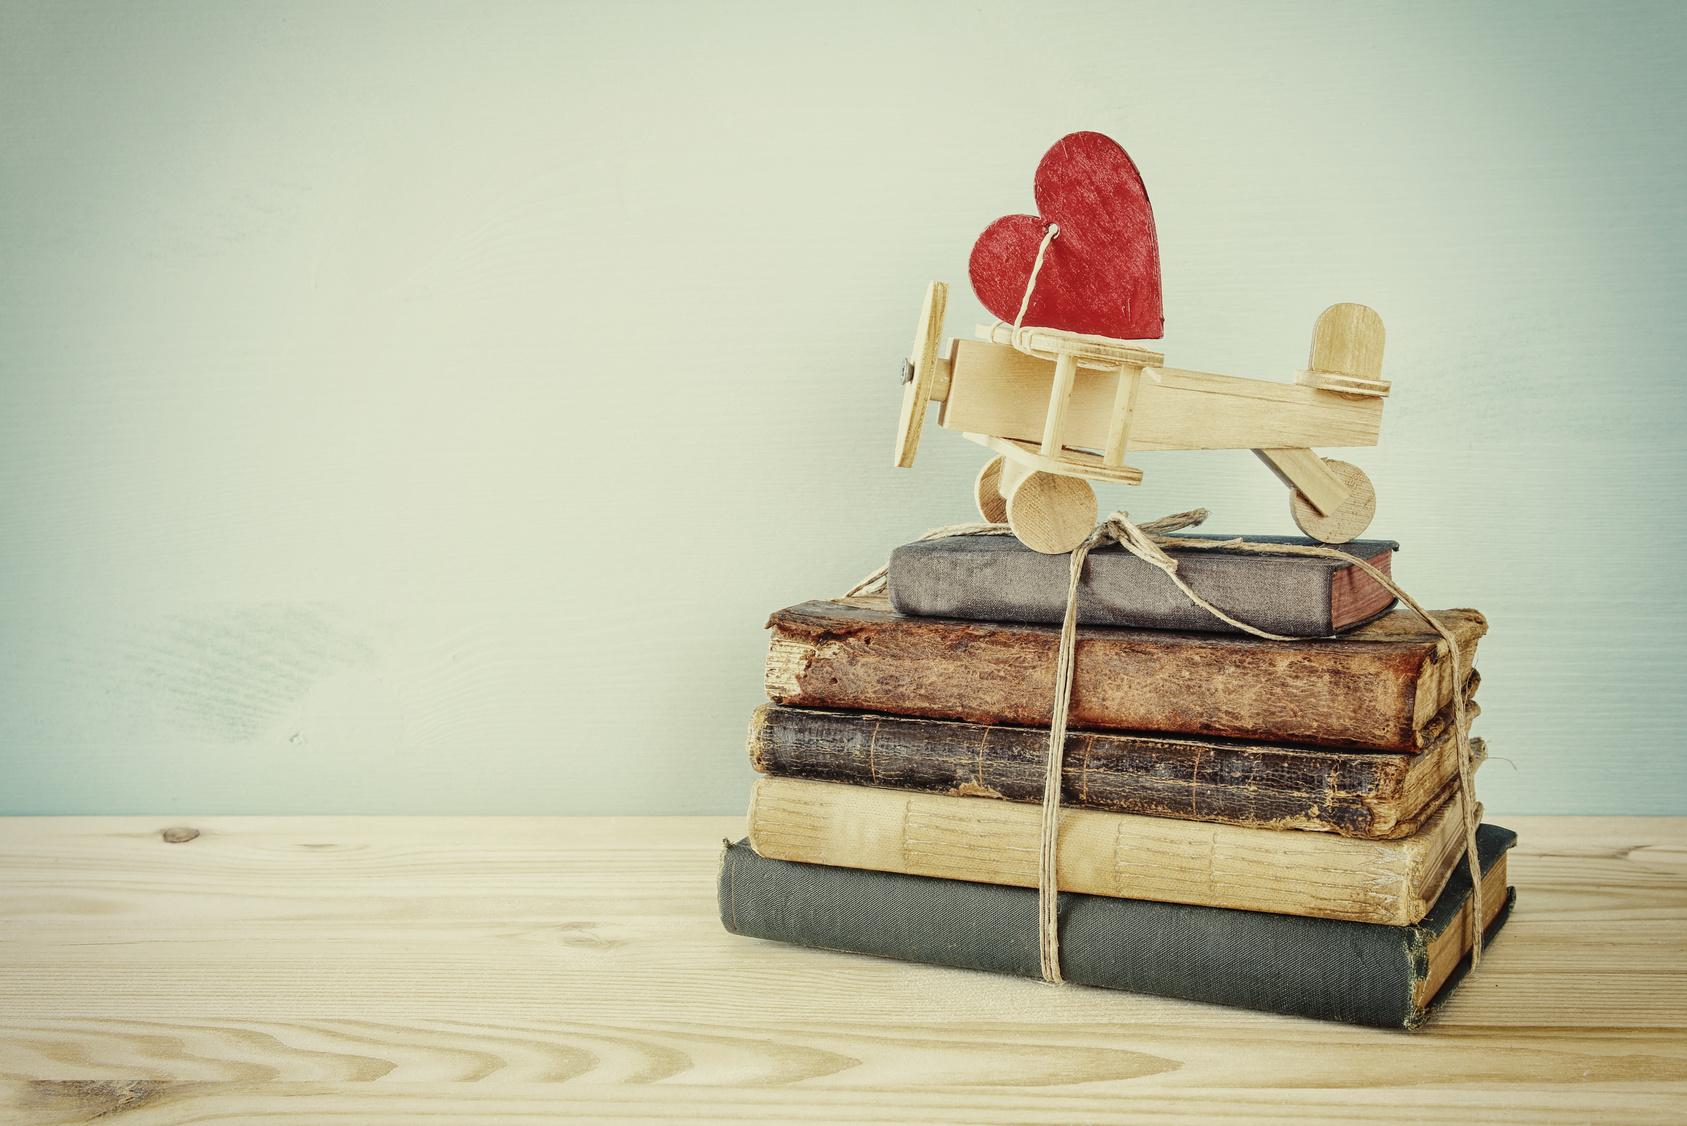 Ein Stapel antiker Notizbücher, obendrauf ein Holzflugzeug mit rotem Herz.